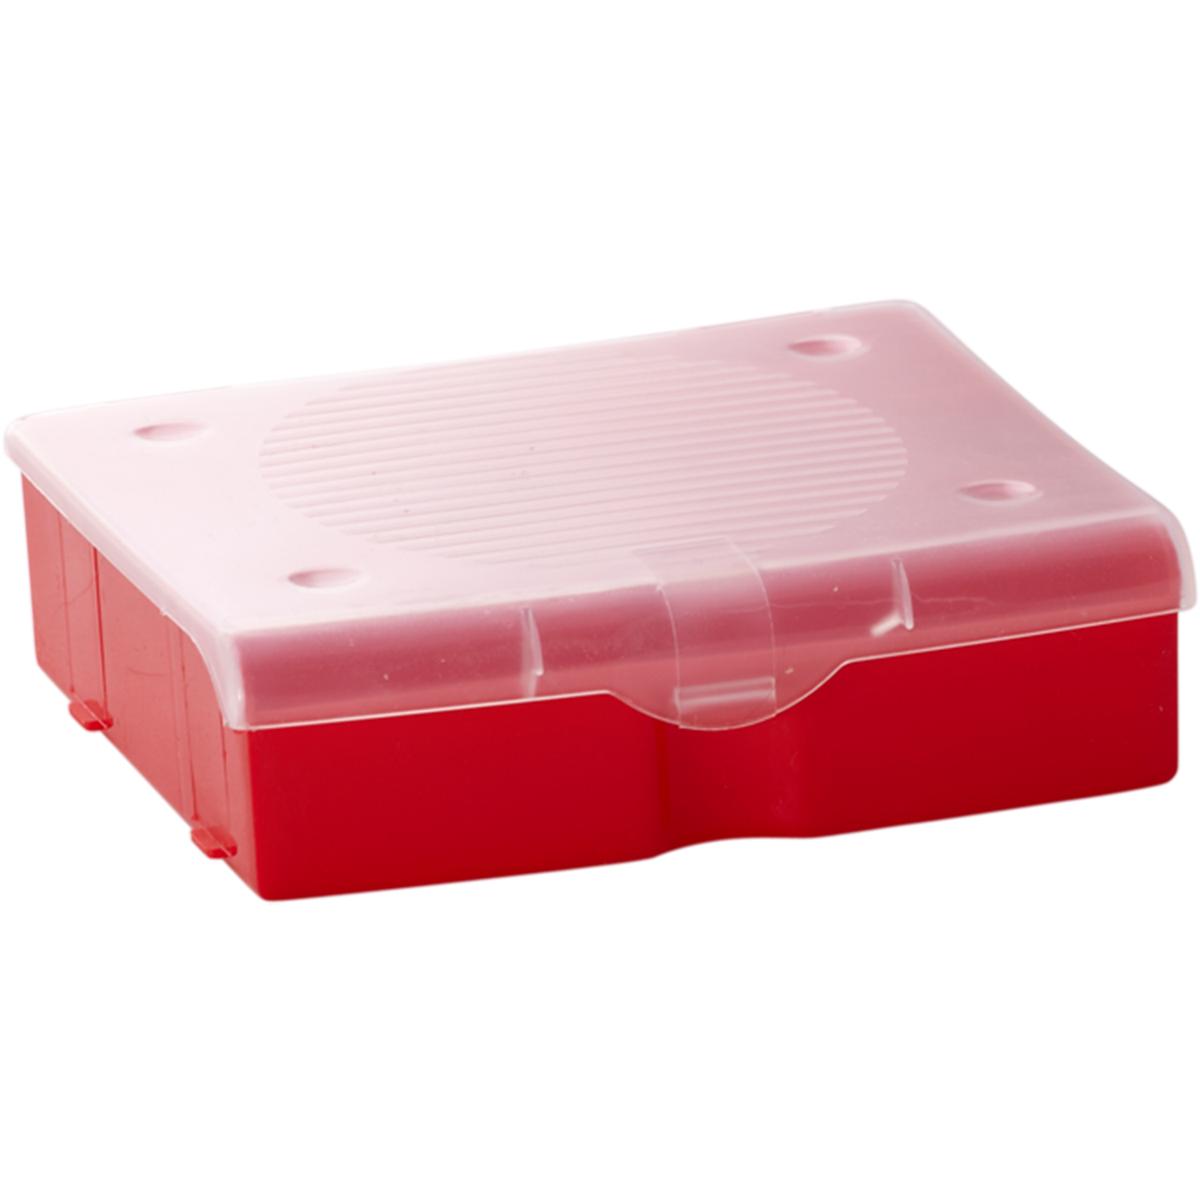 Органайзер для мелочей Blocker, цвет: красный, 17 х 16 х 4,5 смПЦ3711КРПРОрганайзер для мелочей Blocker предназначен для оптимальной организации пространства. Внутреннее деление делает удобным размещение внутри блока деталей, которые необходимо отделить друг от друга, а прозрачная крышка позволяет увидеть содержимое, не открывая блок. Подходит для хранения швейных принадлежностей, мелких деталей и рыболовных снастей. Крышка плотно закрывается и предотвращает потерю содержимого.